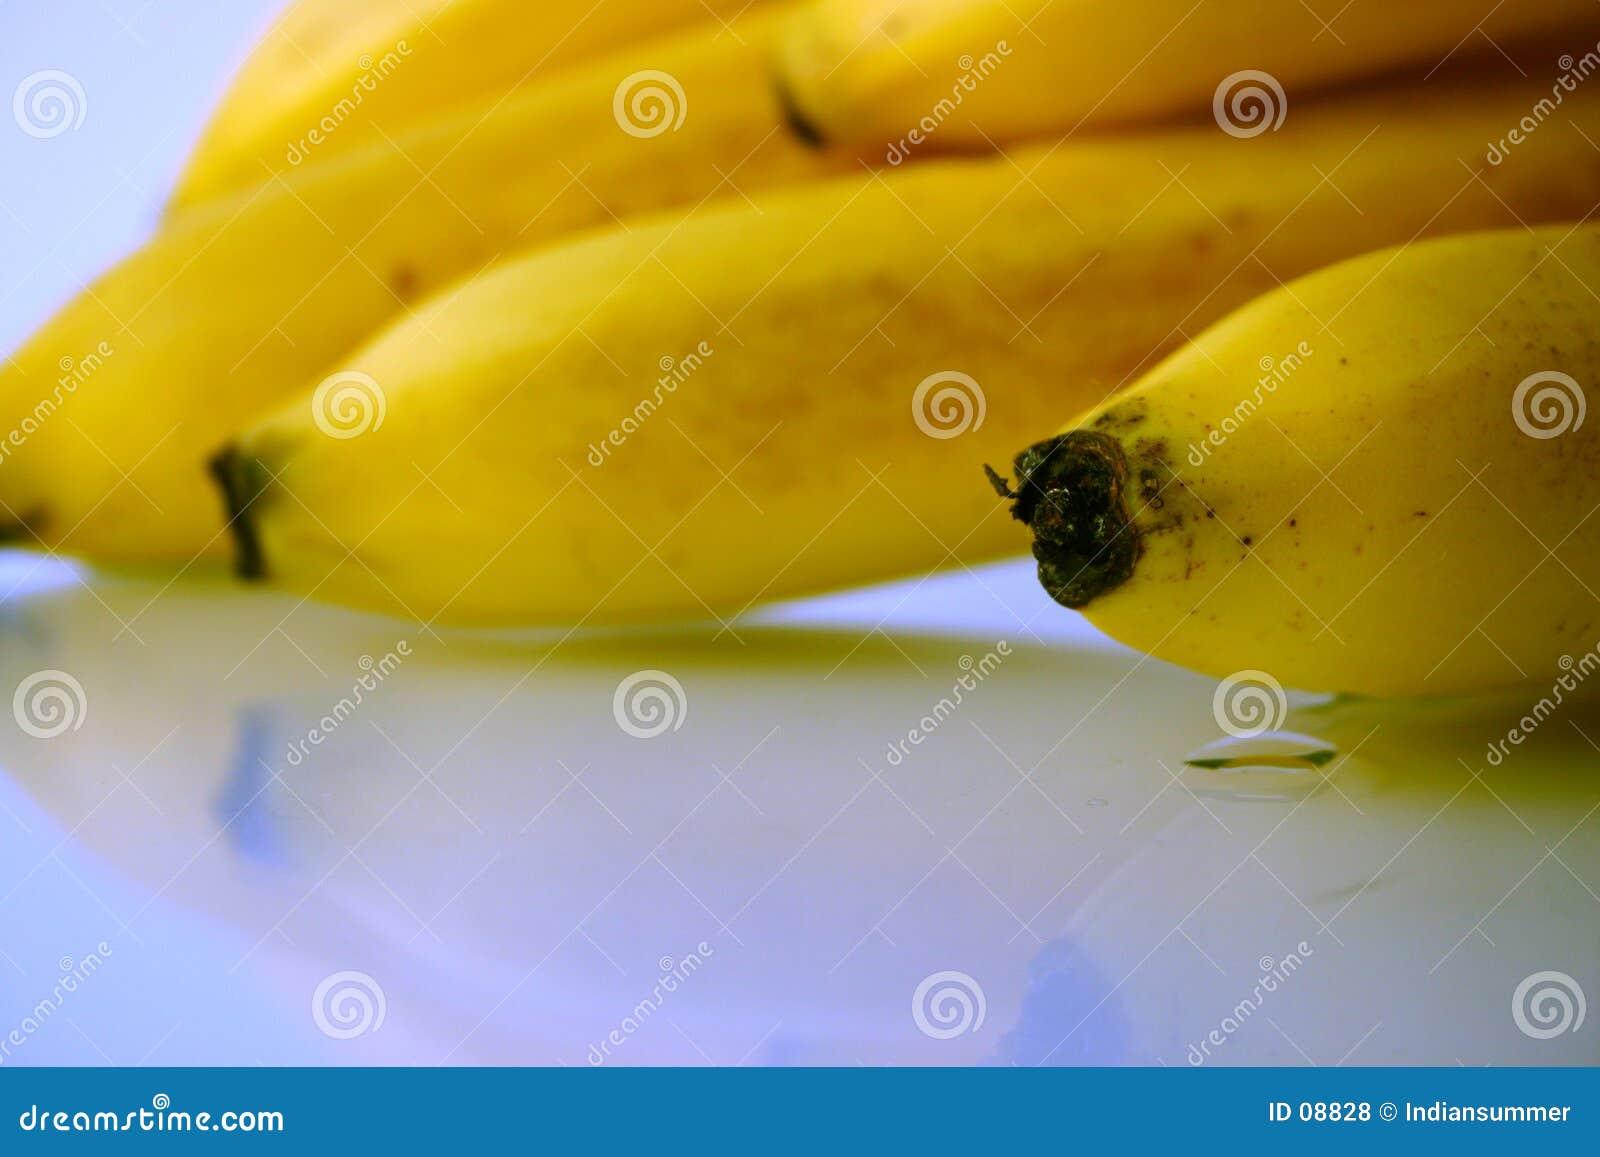 De close-up van de banaan